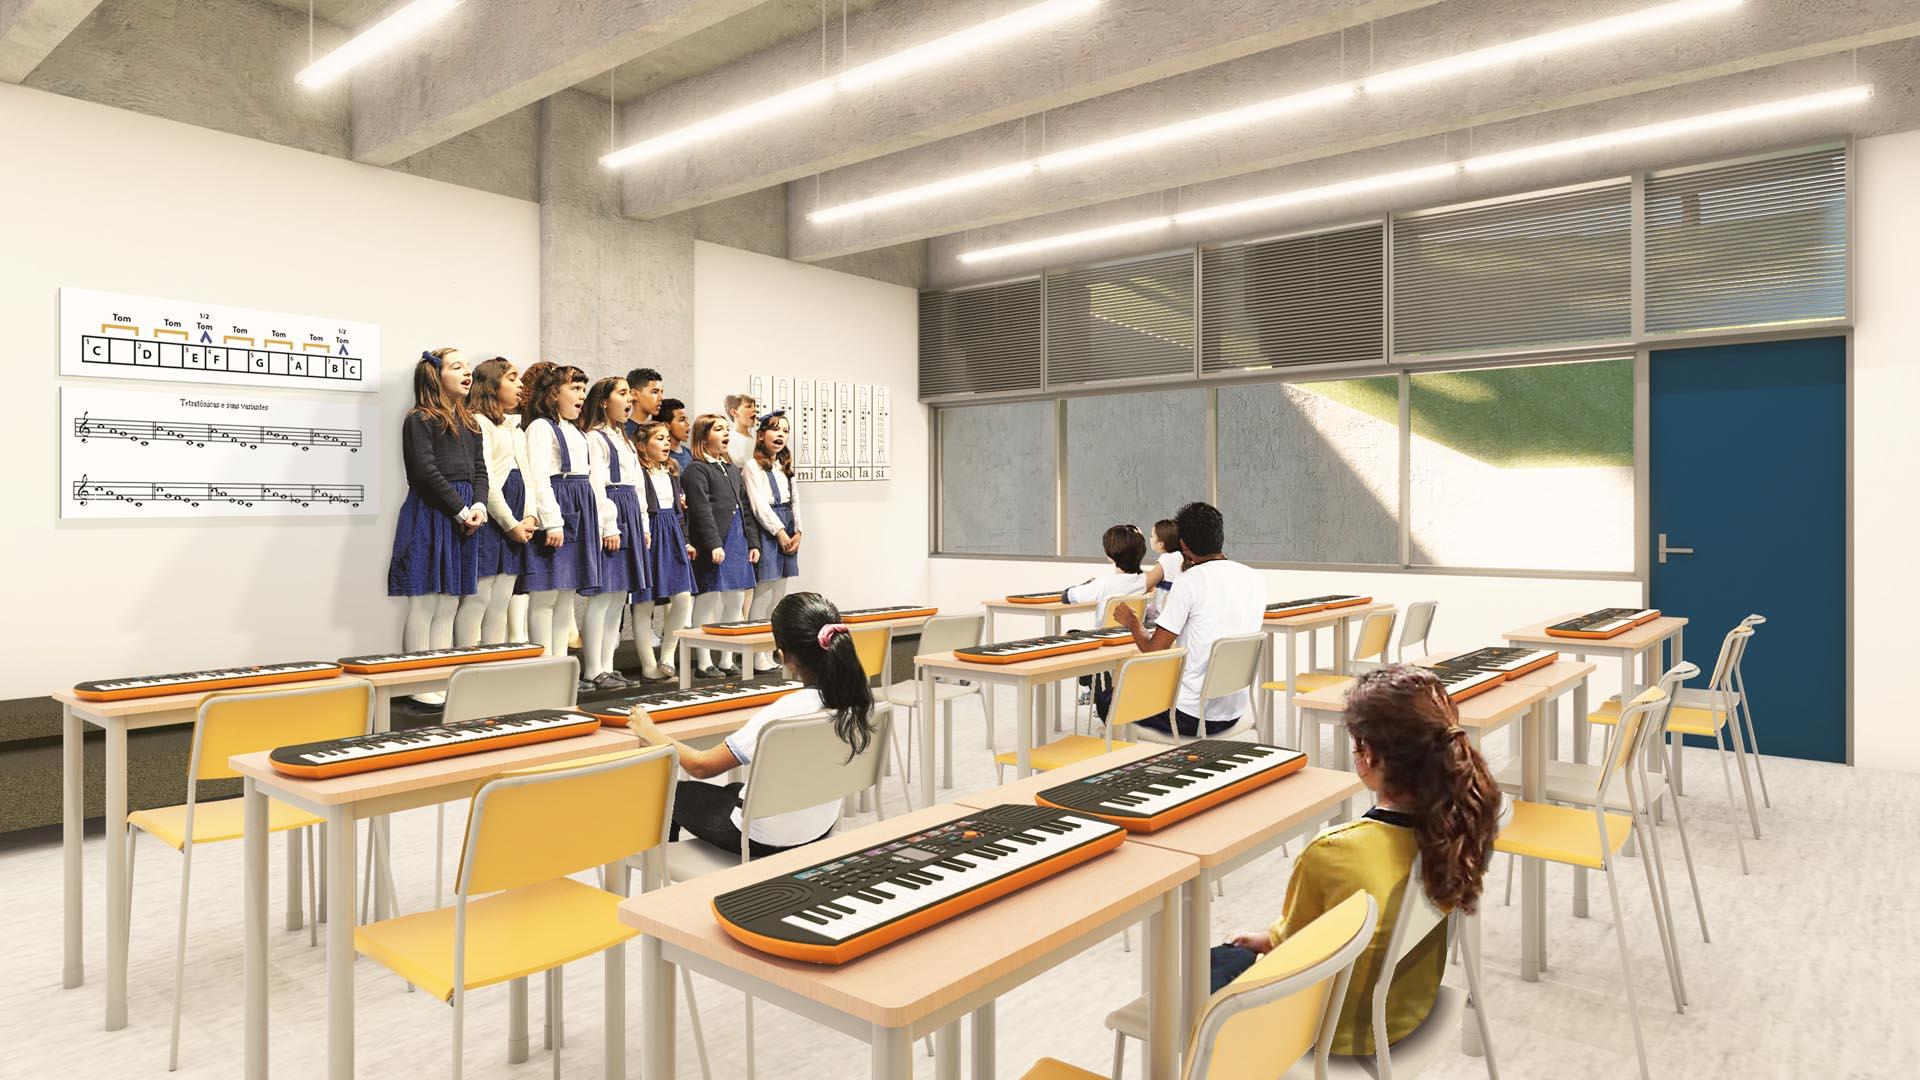 Sala de Música  - Nova unidade do Colégio Etapa